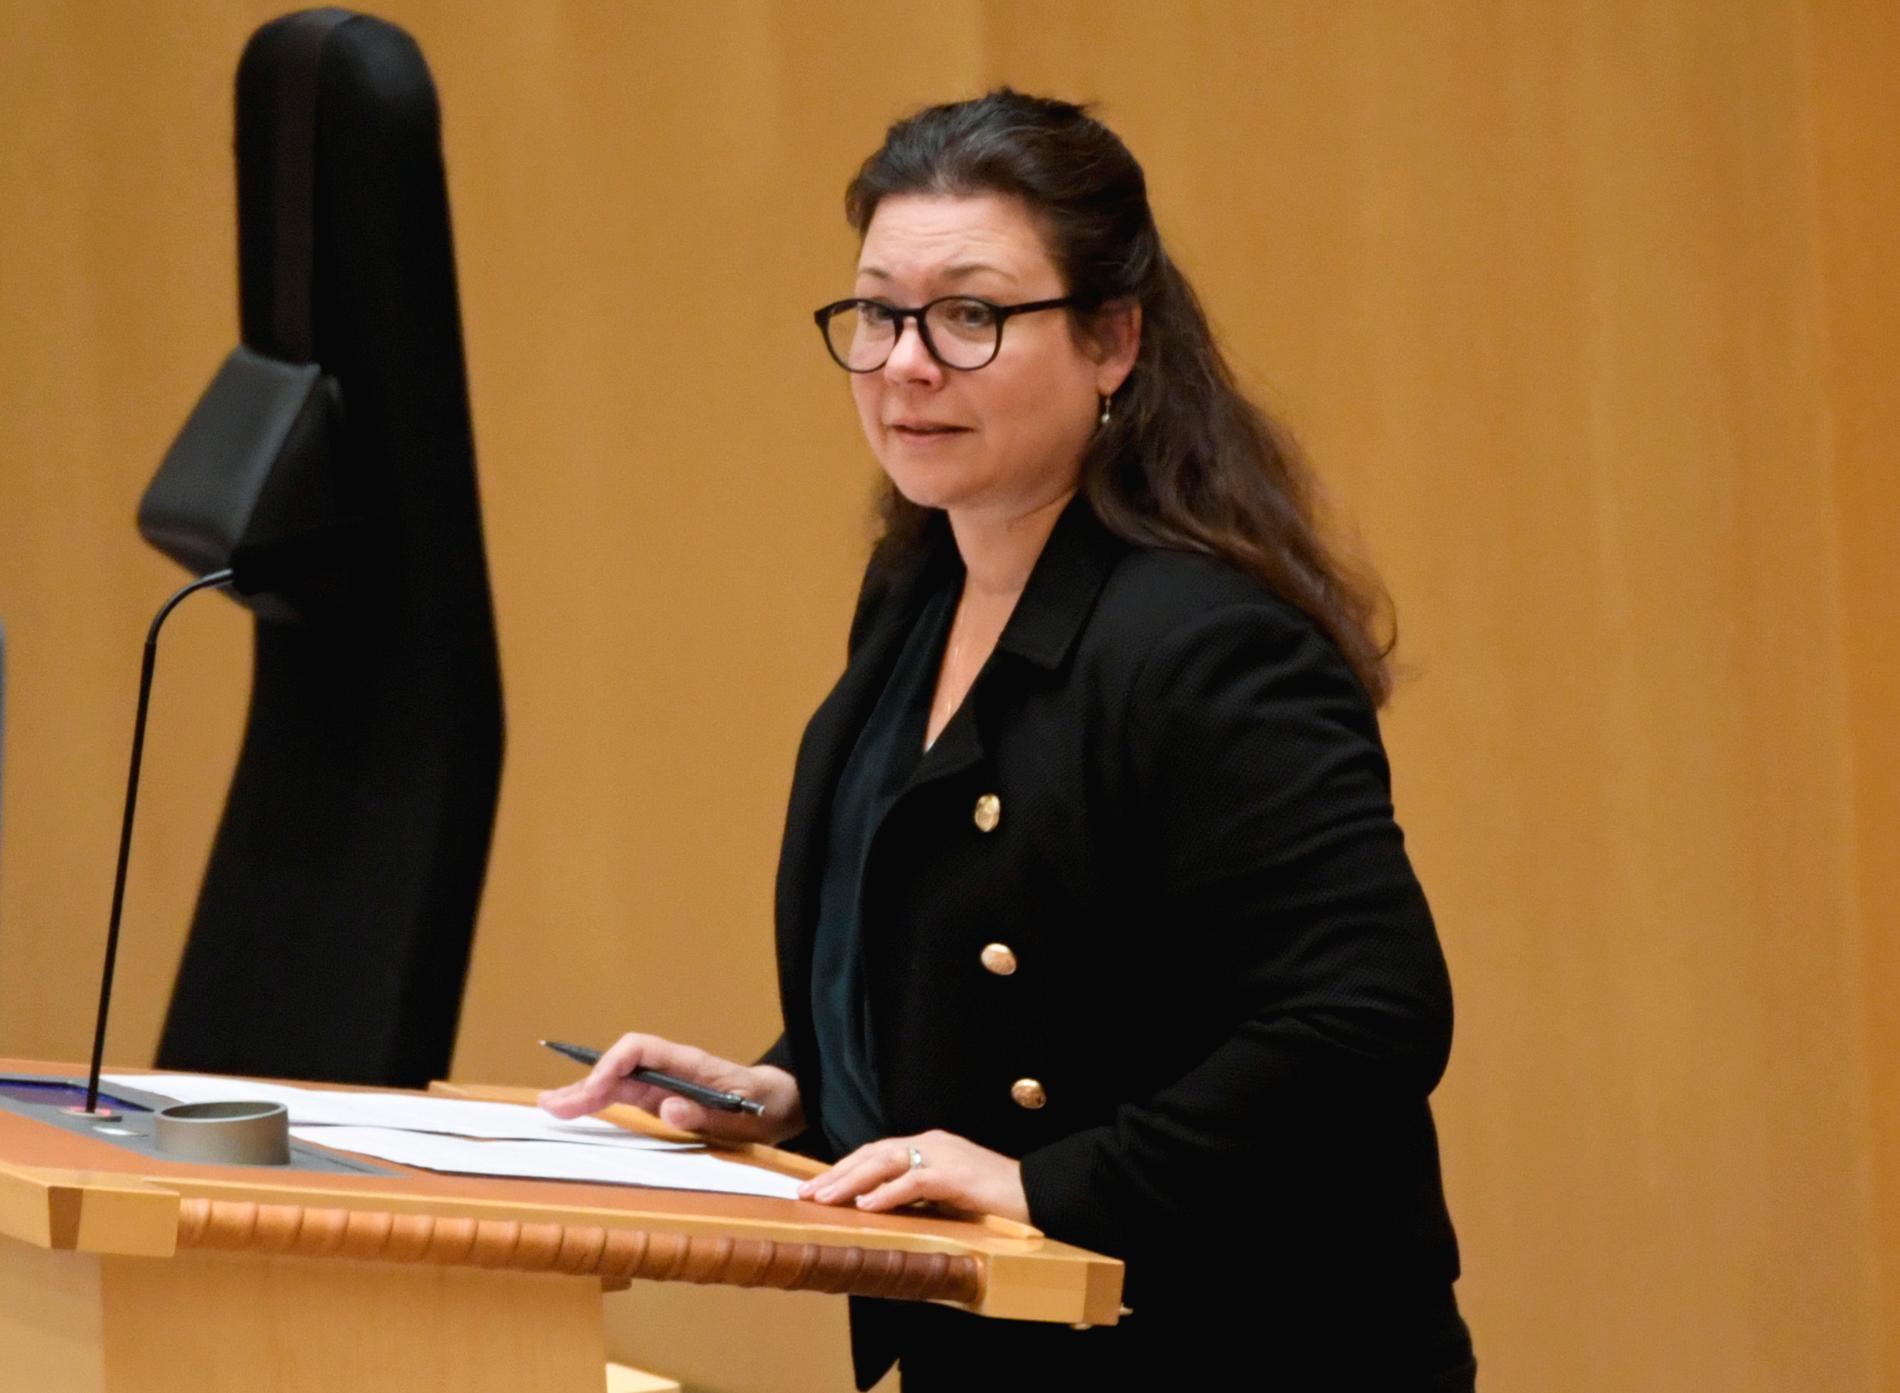 Tina Acketoft (L) lämnar riksdagen i samband med nästa val. Arkivbild.